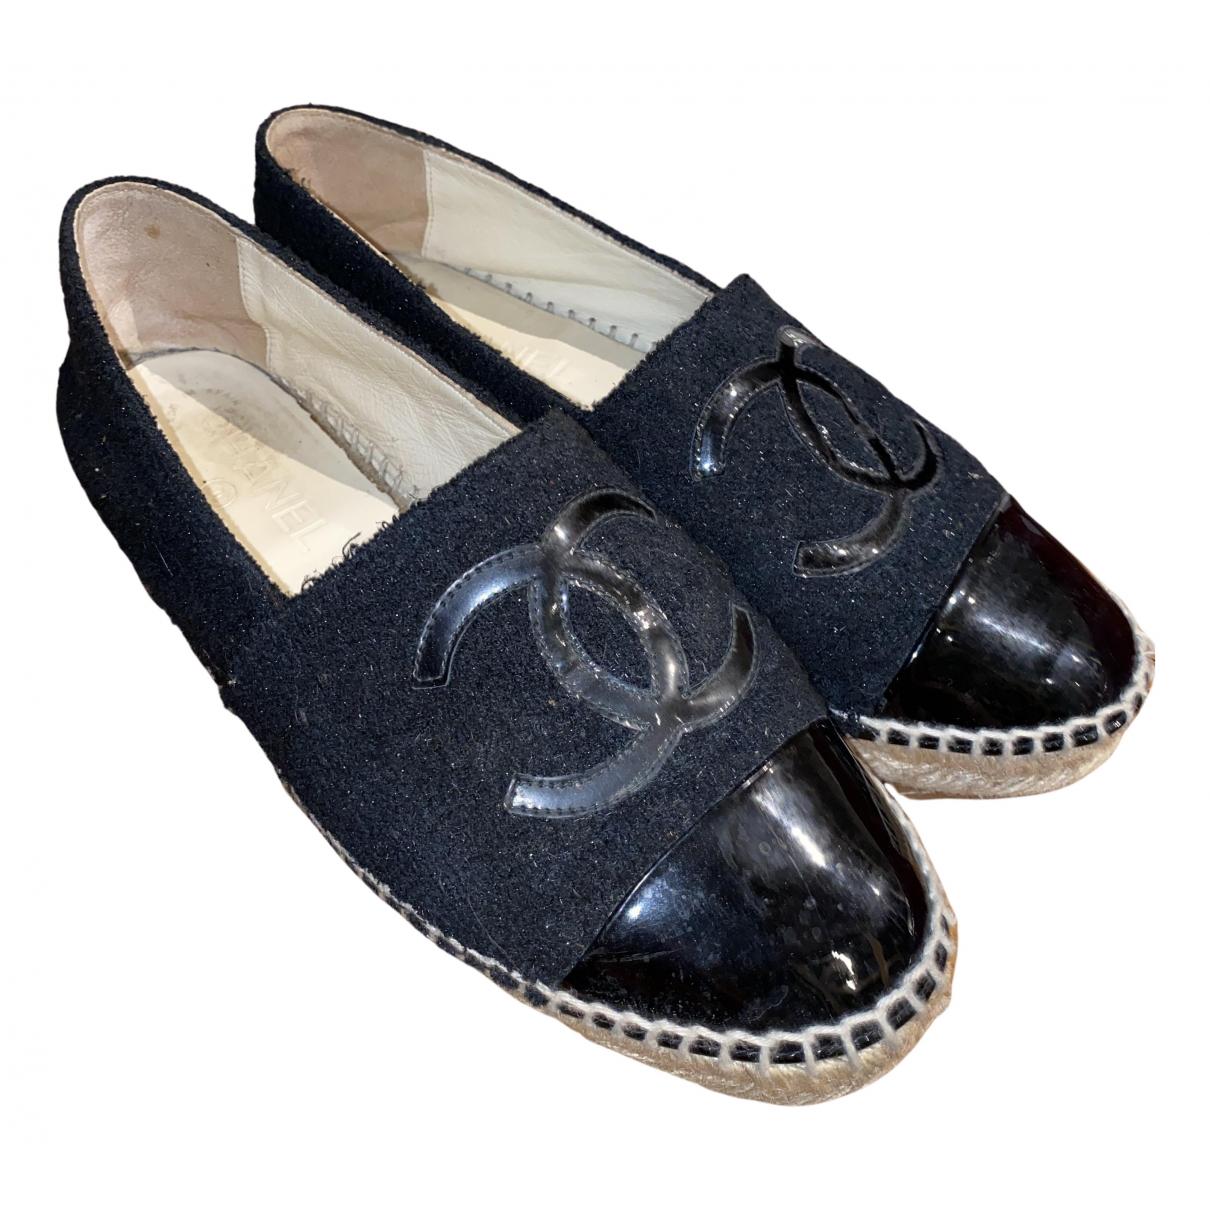 Chanel \N Espadrilles in  Schwarz Leder